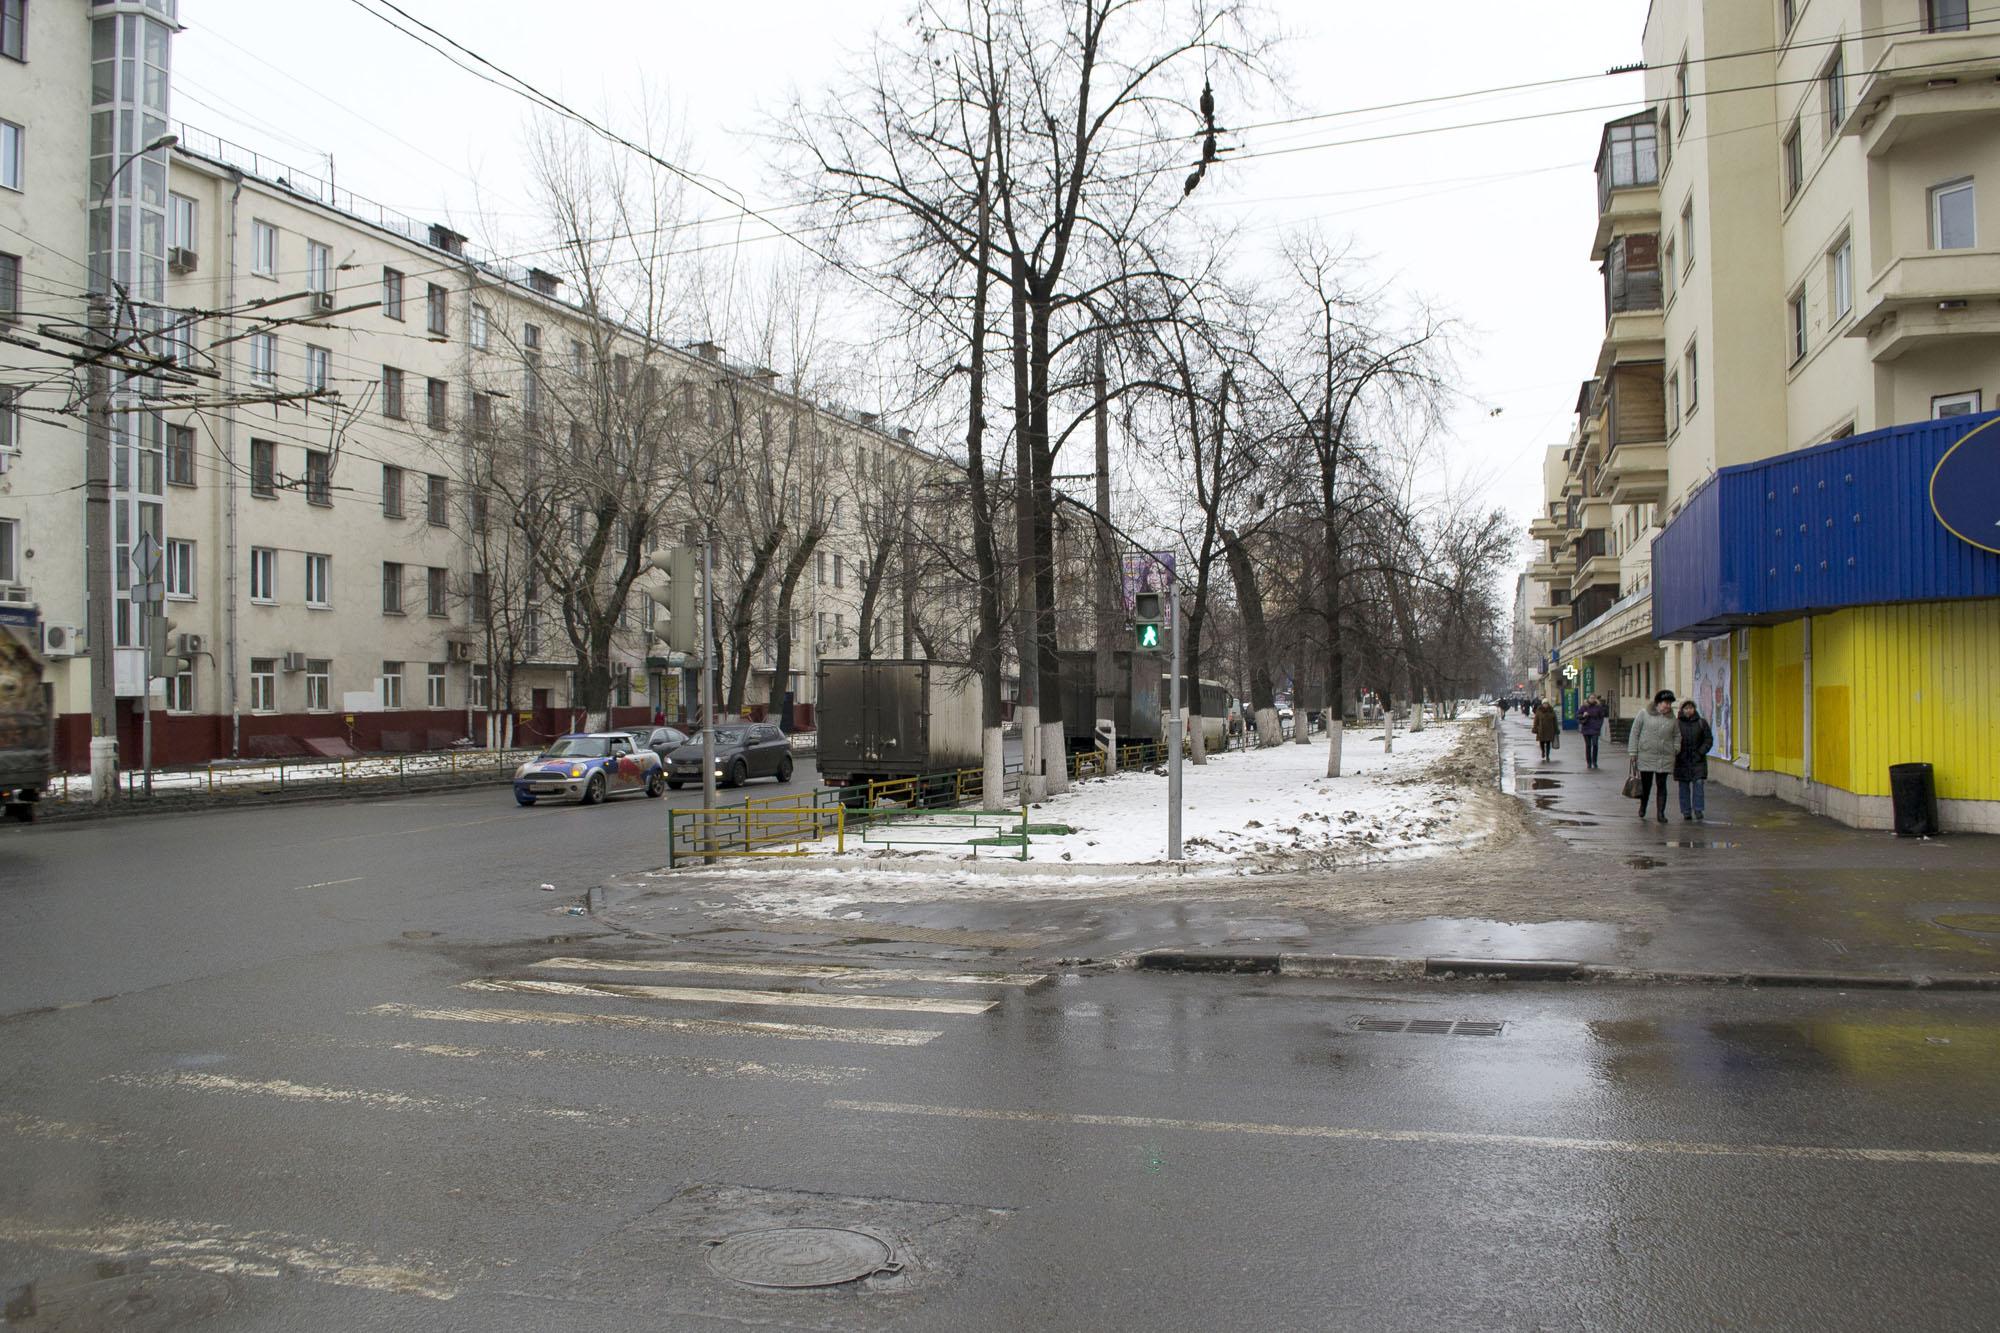 Документы для кредита Авиамоторная улица документы для кредита Кисловский Нижний переулок